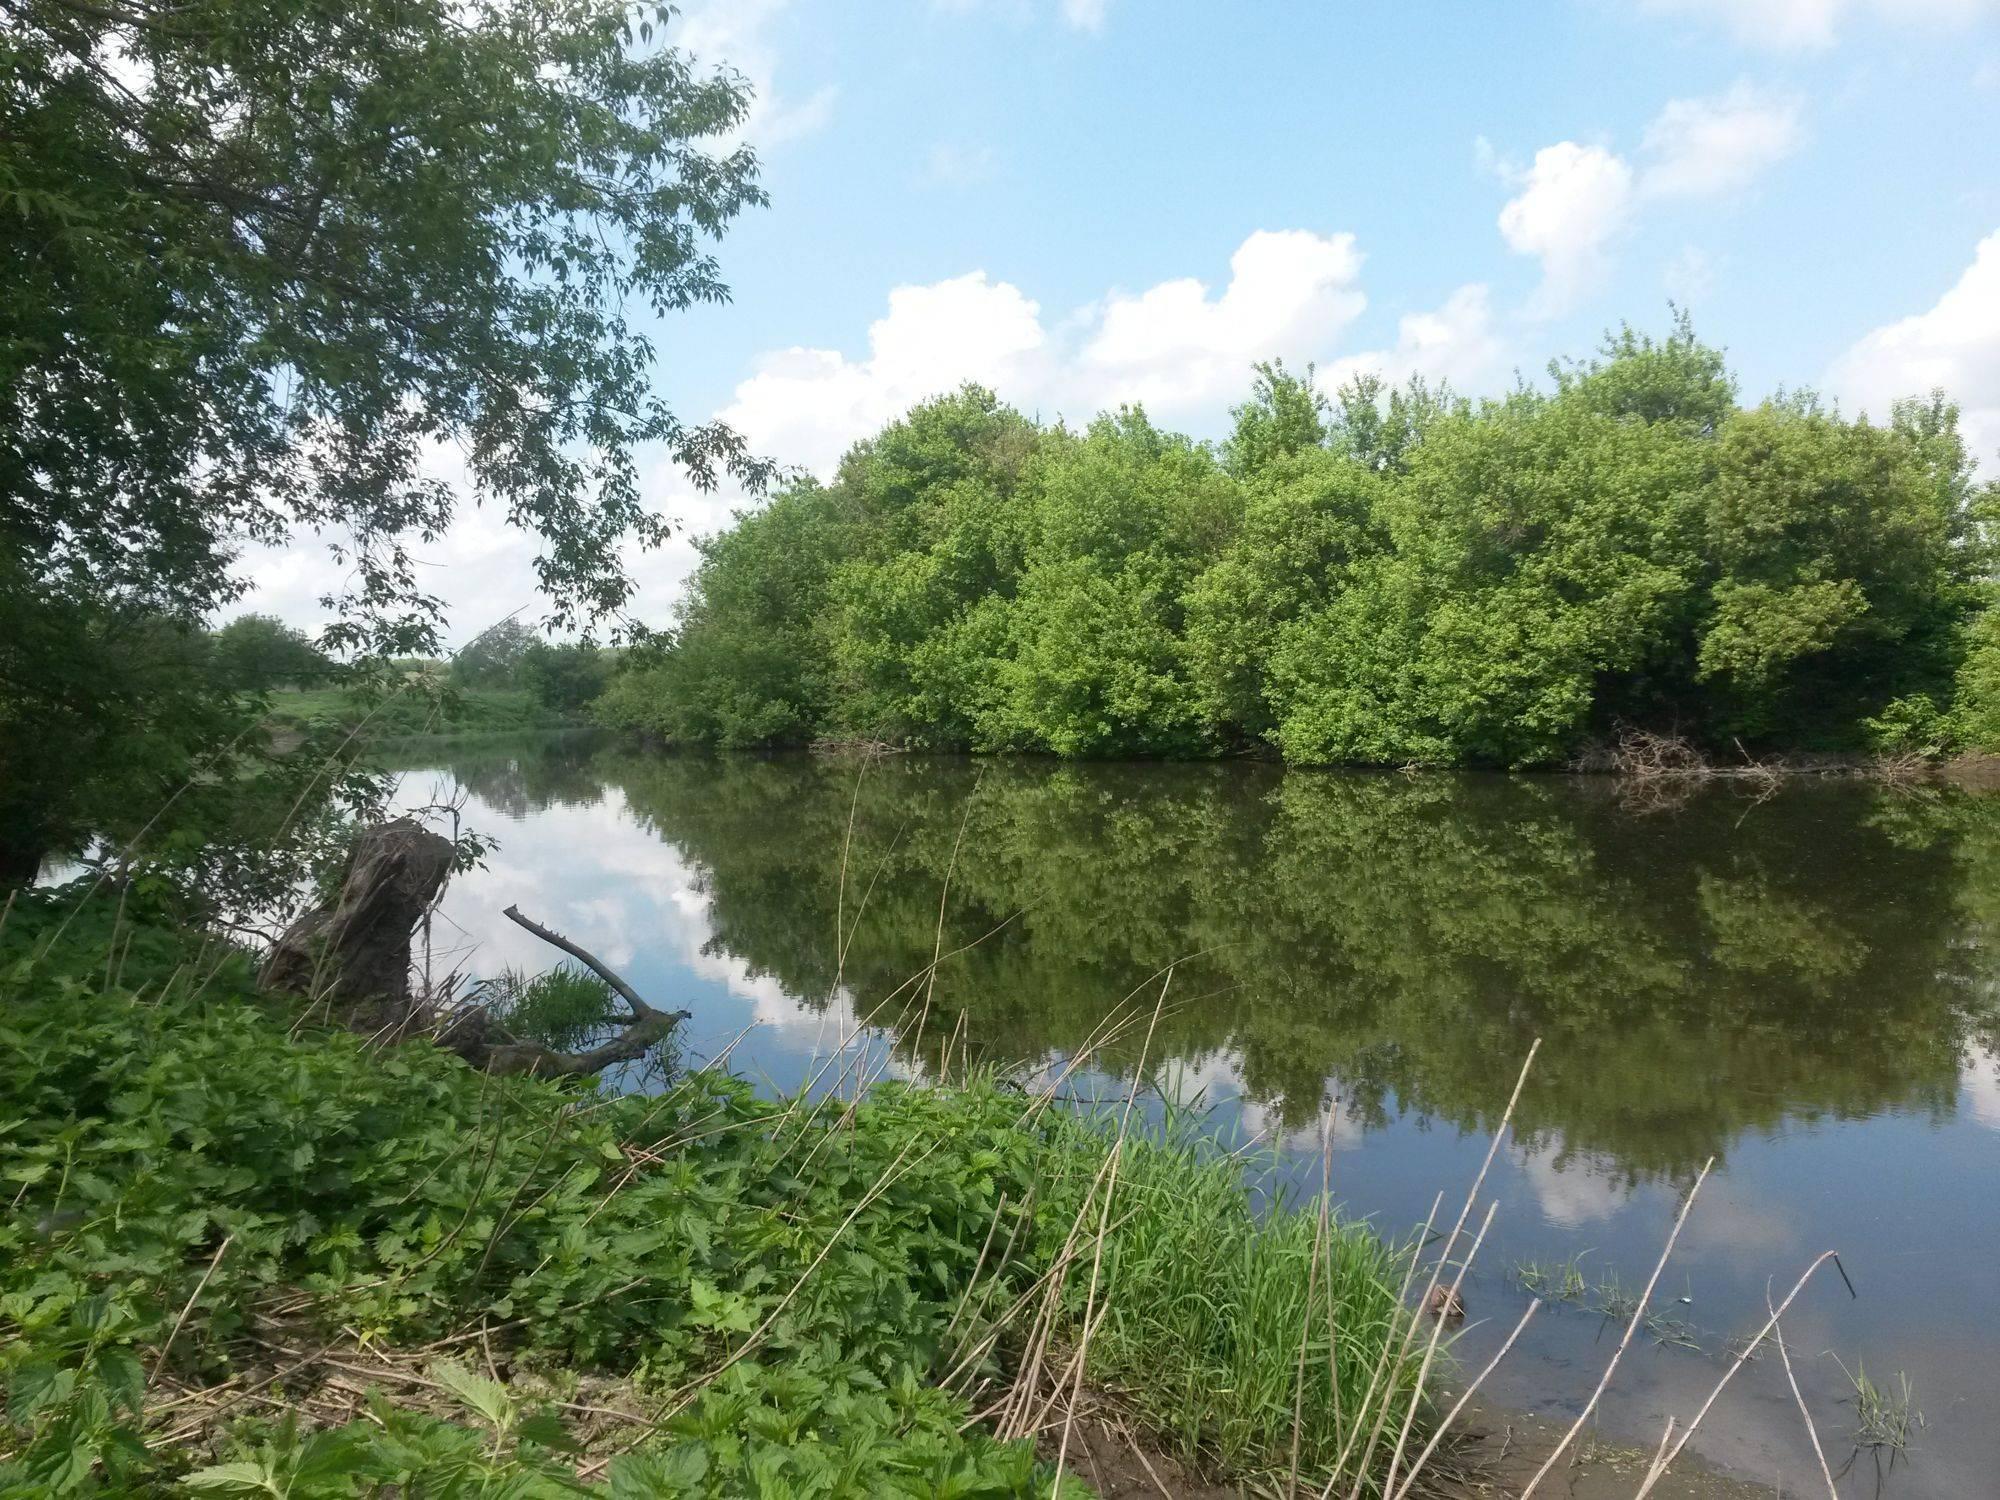 Річка упа: опис, особливості, пам'ятки та цікаві факти